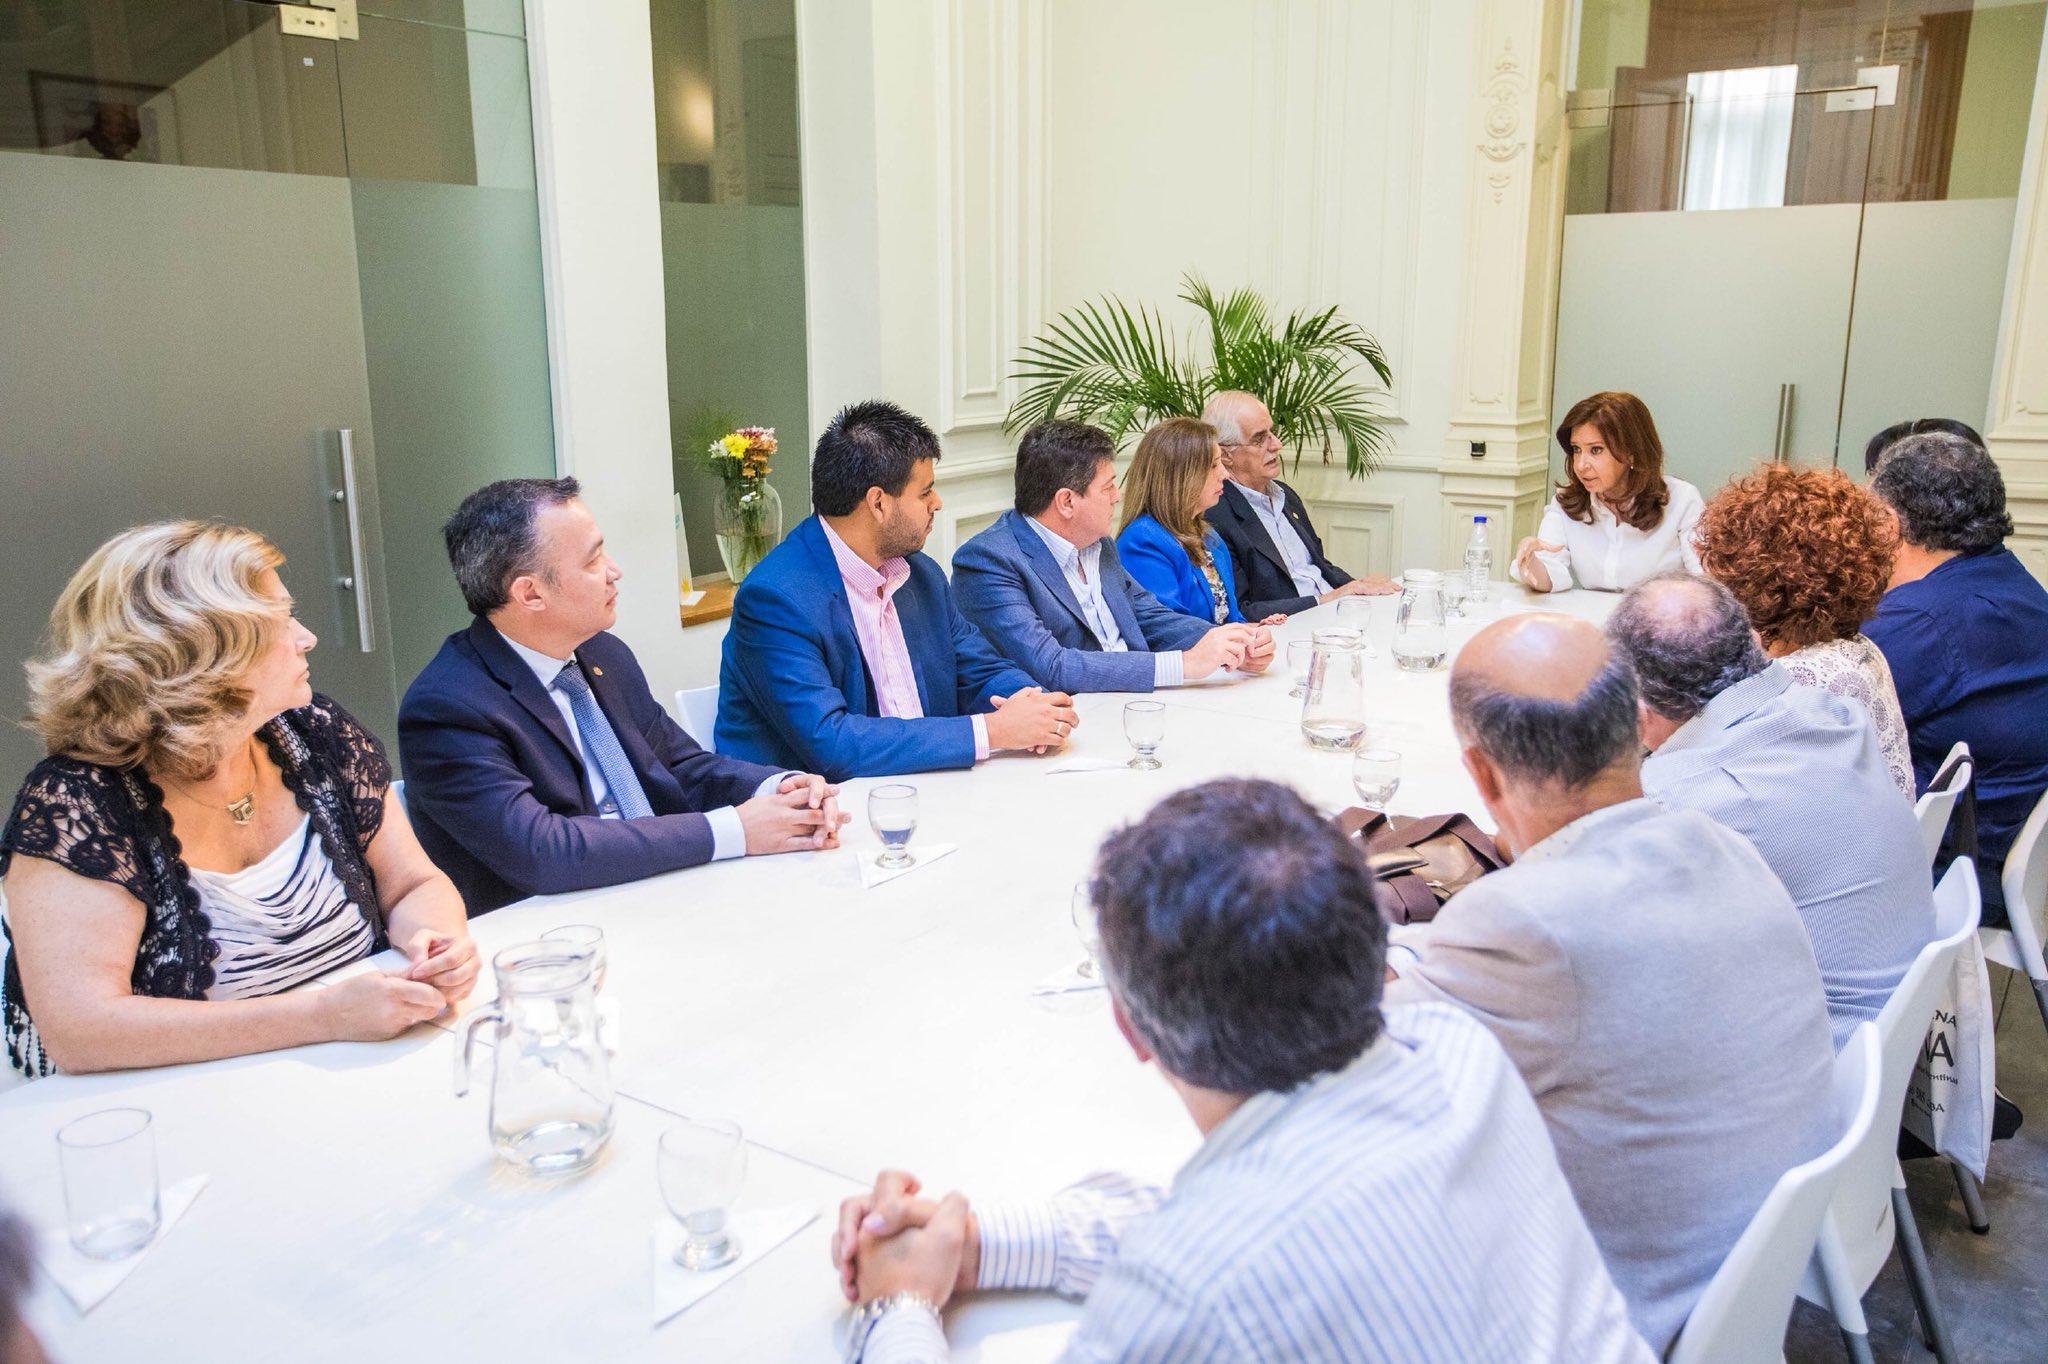 Hoy reunión en el @inst_PATRIAar con parlamentarios y parlamentarias del @PARLASUR https://t.co/ny8w0GNjSF